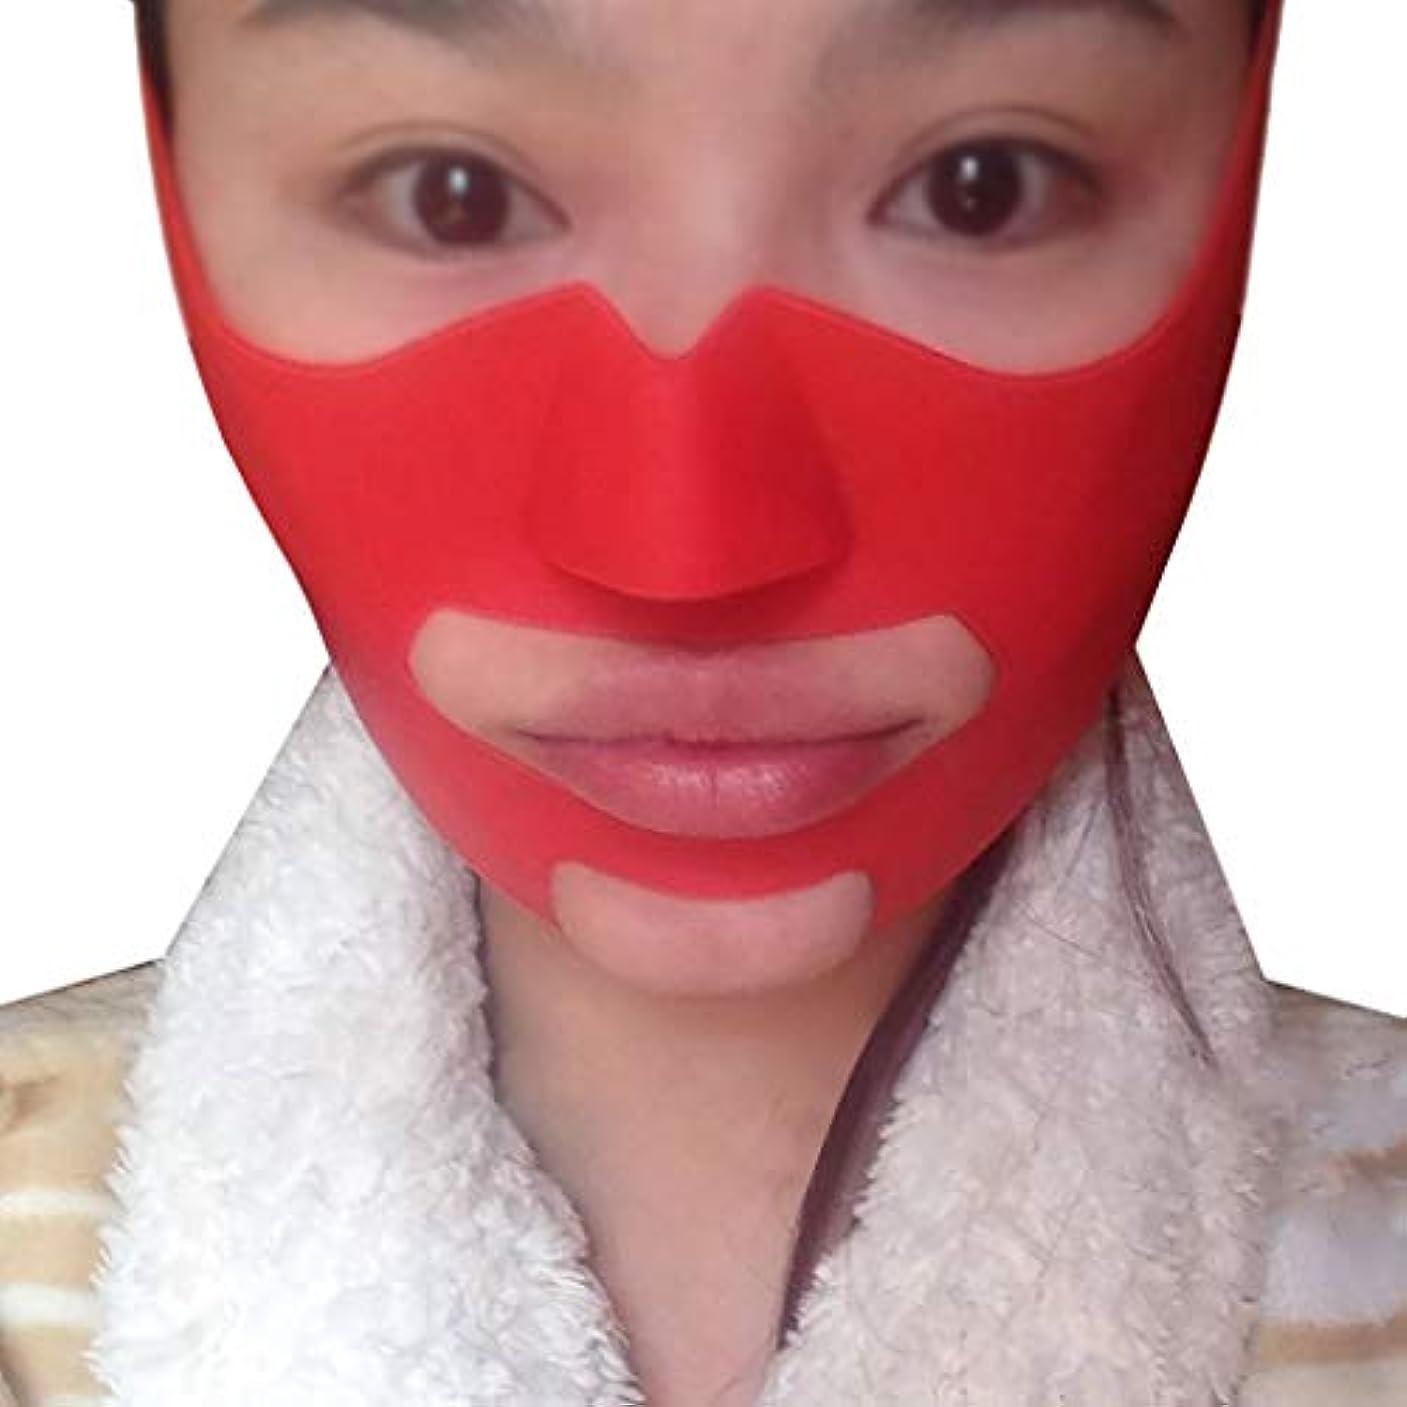 余韻バラ色子GLJJQMY 薄いフェイスマスクシリコーンVマスクマスク強い痩身咬合筋肉トレーナーアップル筋肉法令パターンアーティファクト小さなVフェイス包帯薄いフェイスネックリフト 顔用整形マスク